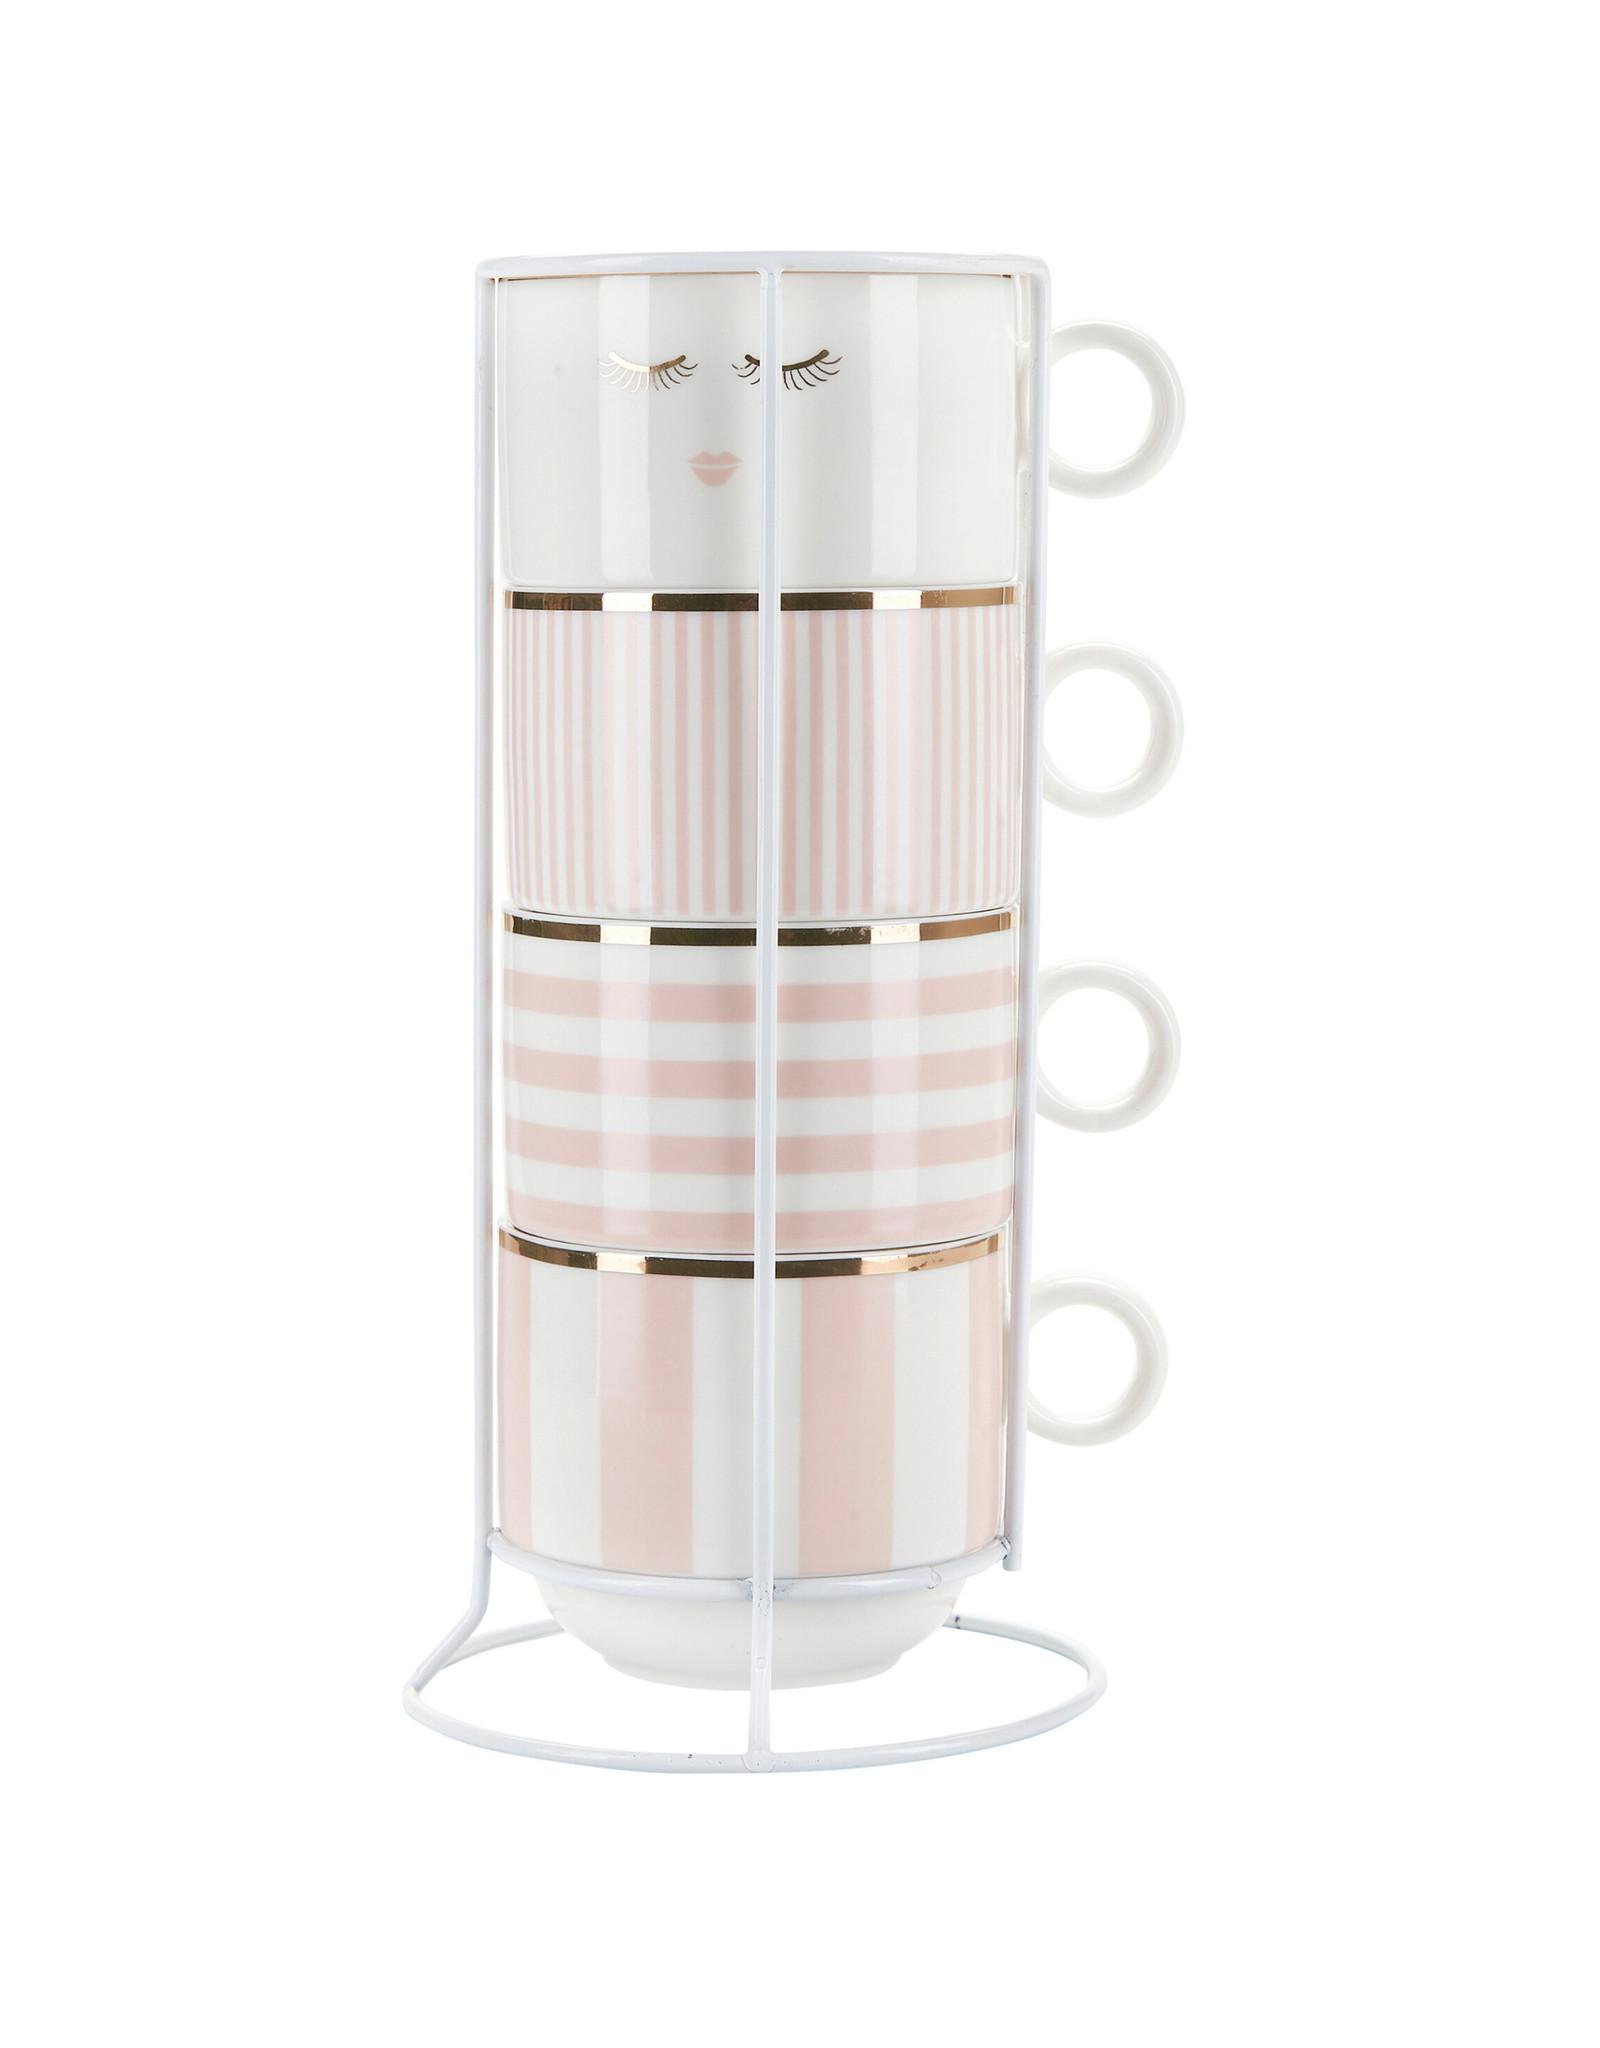 Miss Etoile Tassen in Houder - Pastel Pink